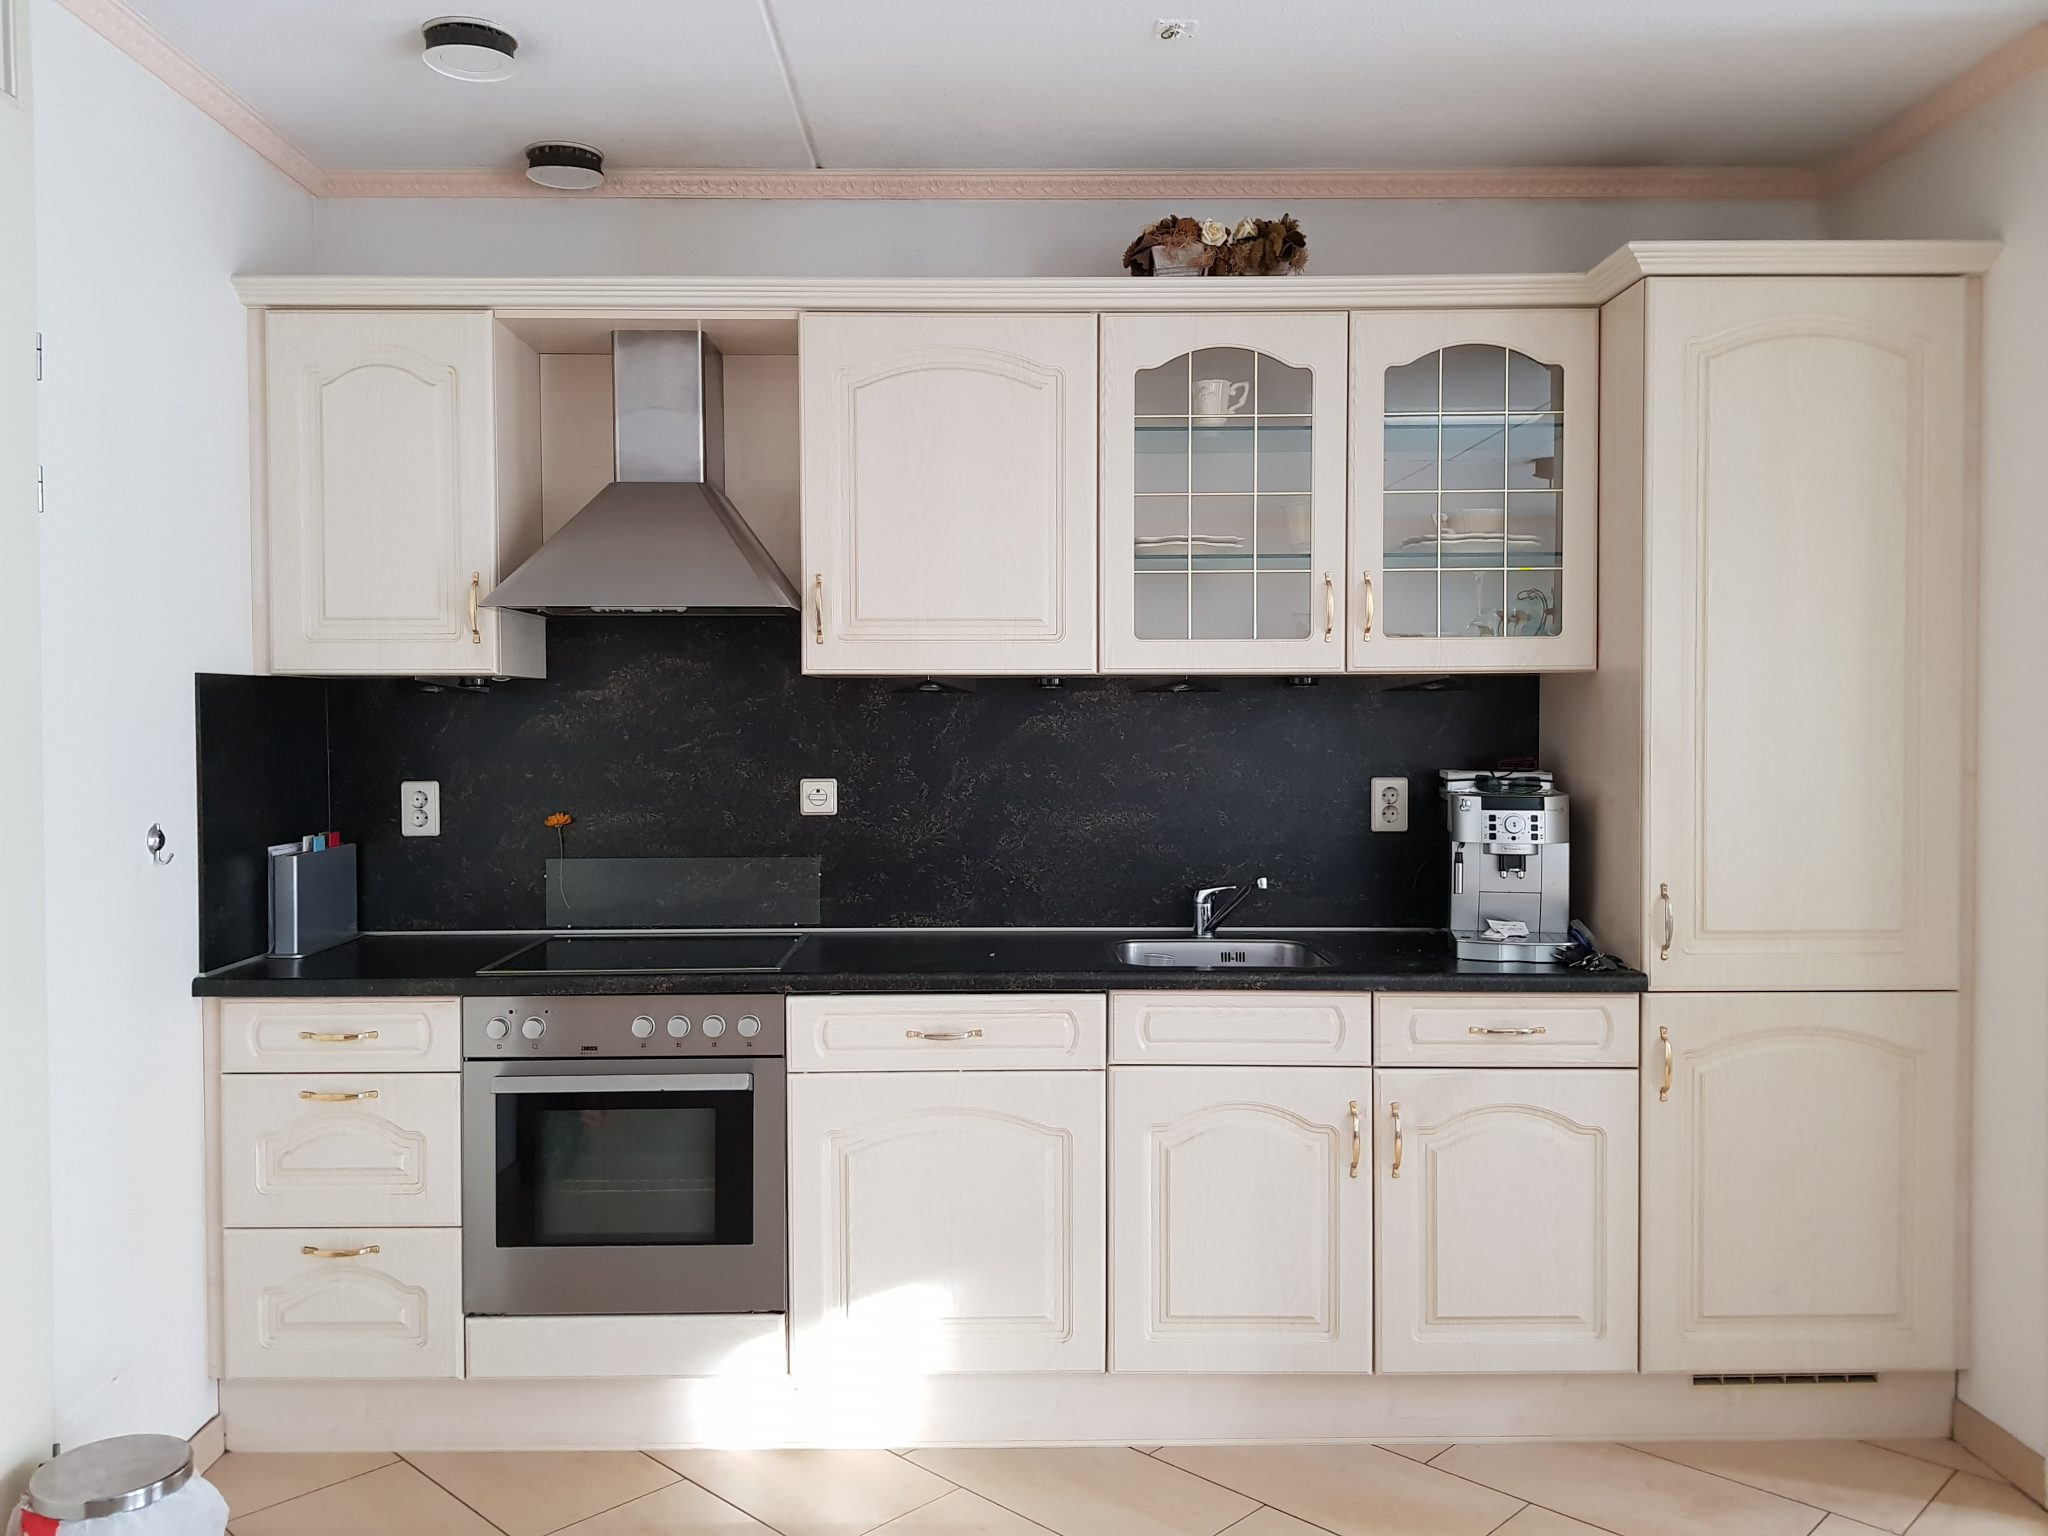 brocante keuken met eiland : Landelijke Rechte Keuken 3 15 Meter Incl Alle Apparatuur